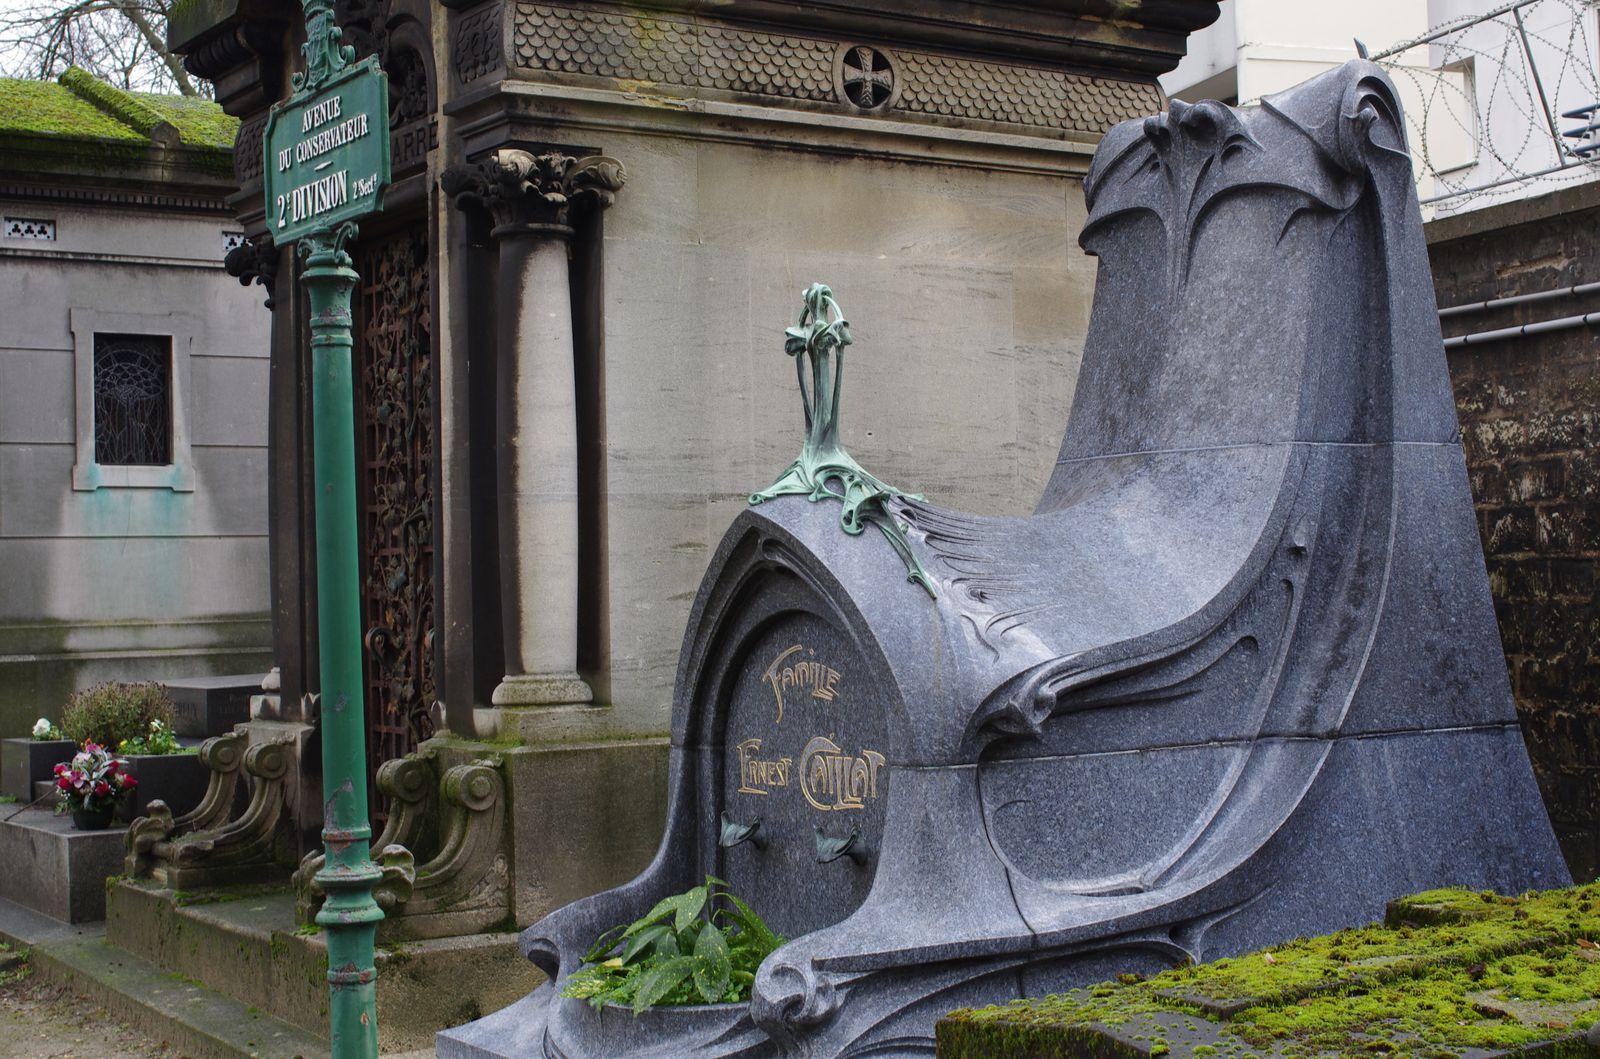 Une très belle tombe d'Hector Guimard  (Art Nouveau :o))